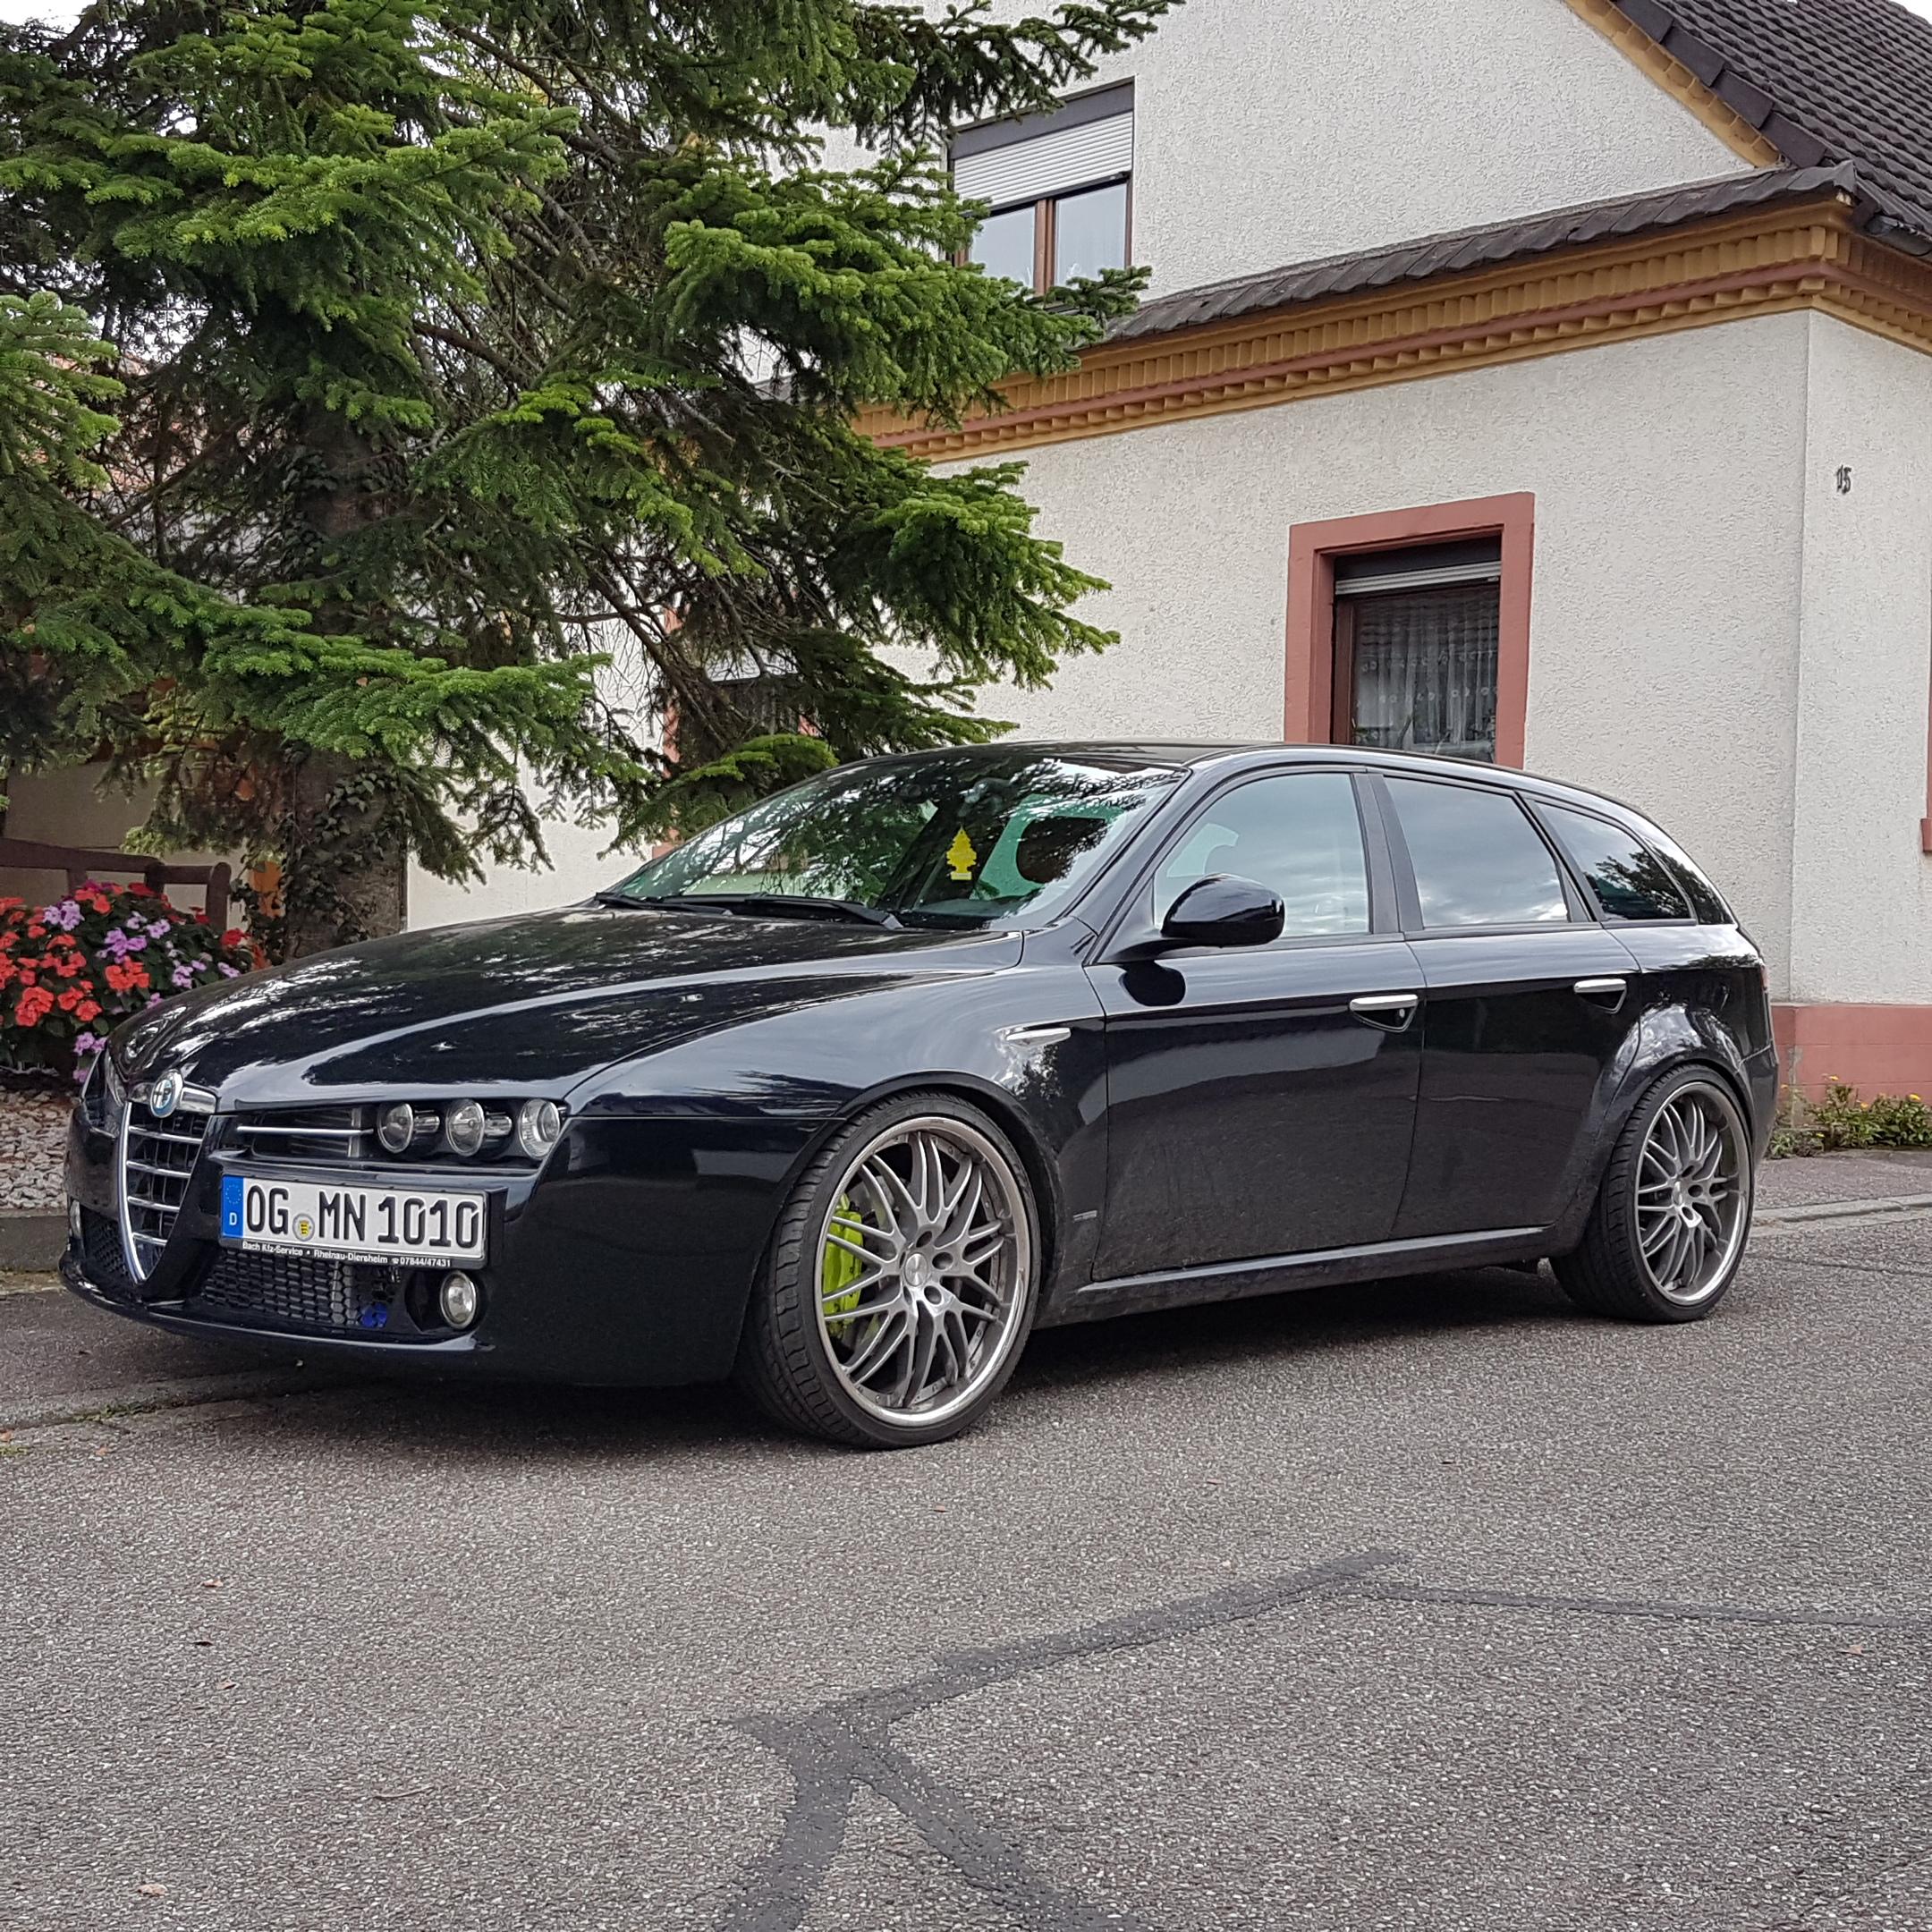 Alfa Romeo 159 2,4 JTDm Sportwagon Tuned